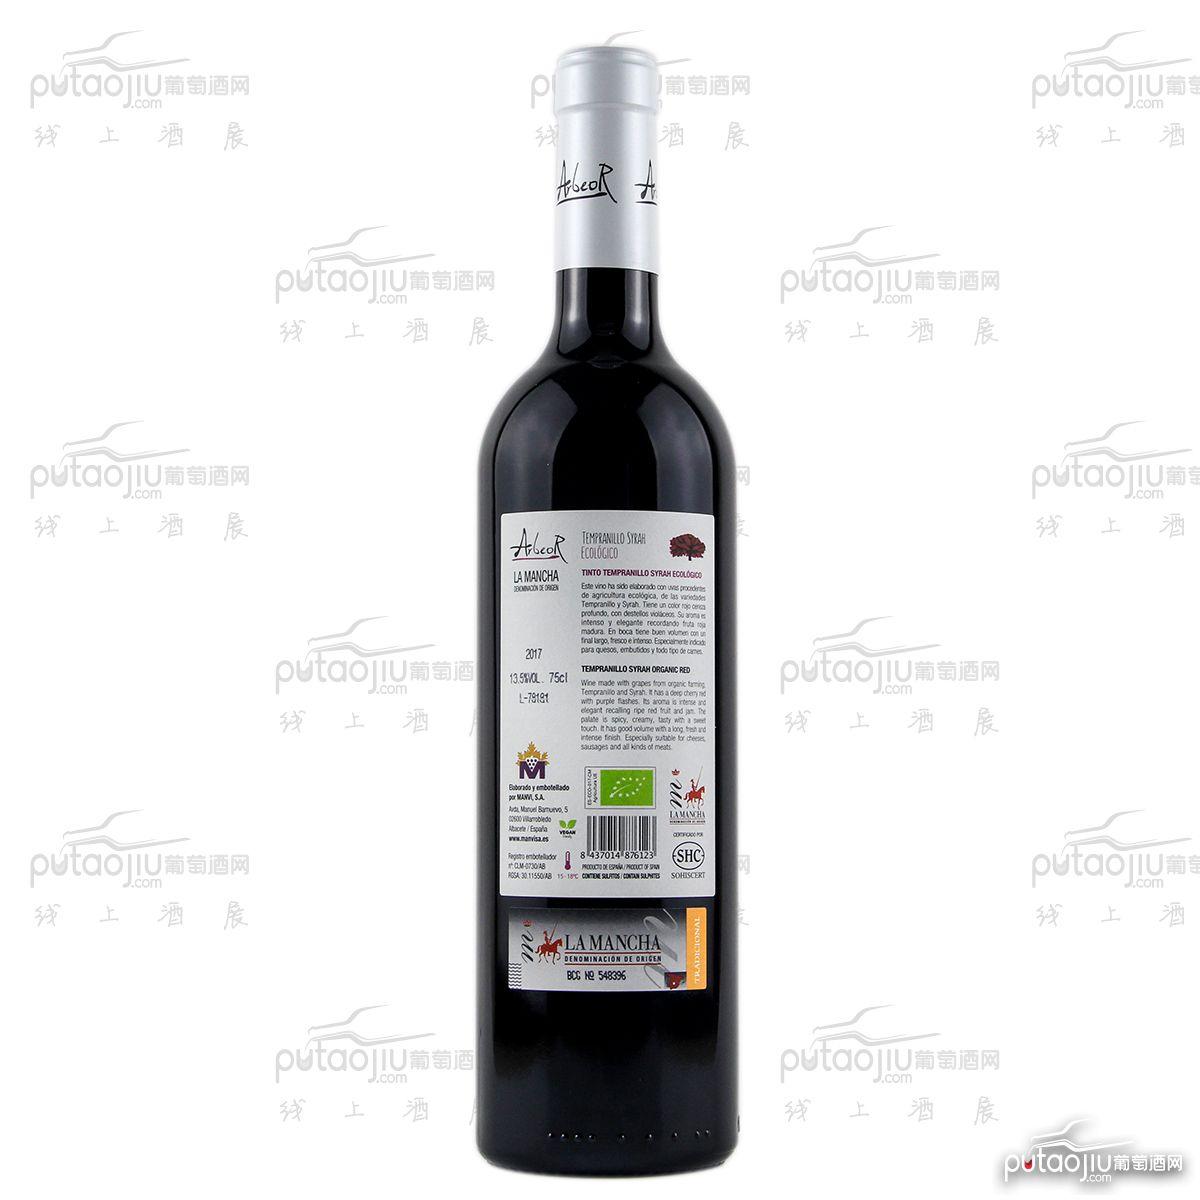 西班牙拉曼恰曼维葡萄酒庄大树西拉丹魄生态干红葡萄酒